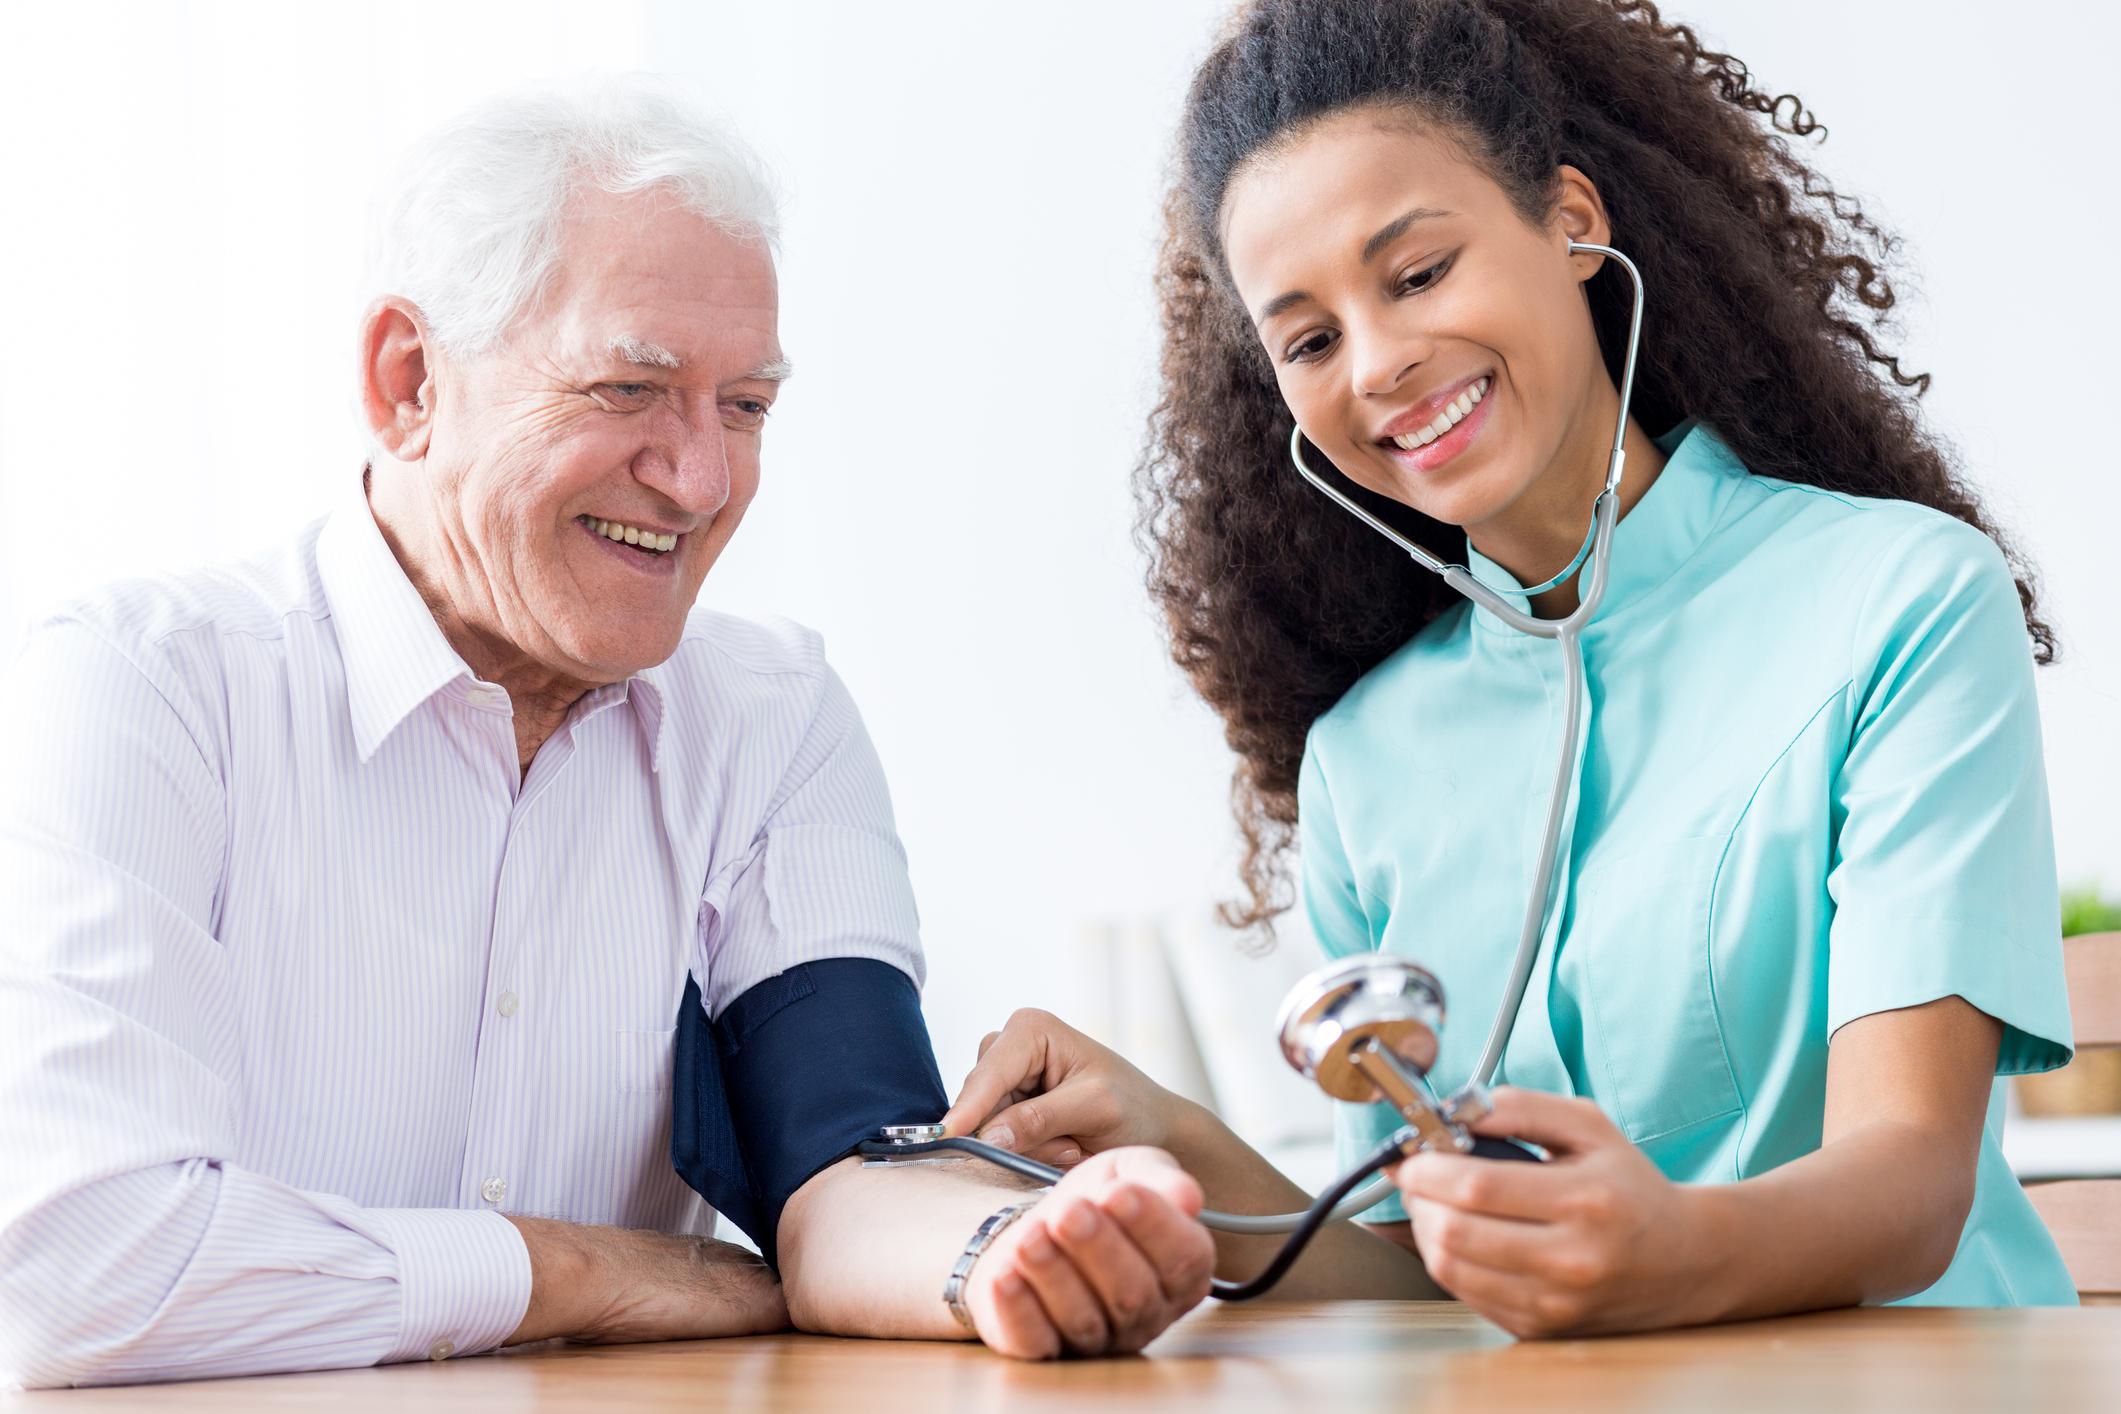 Nurse examining a senior patient